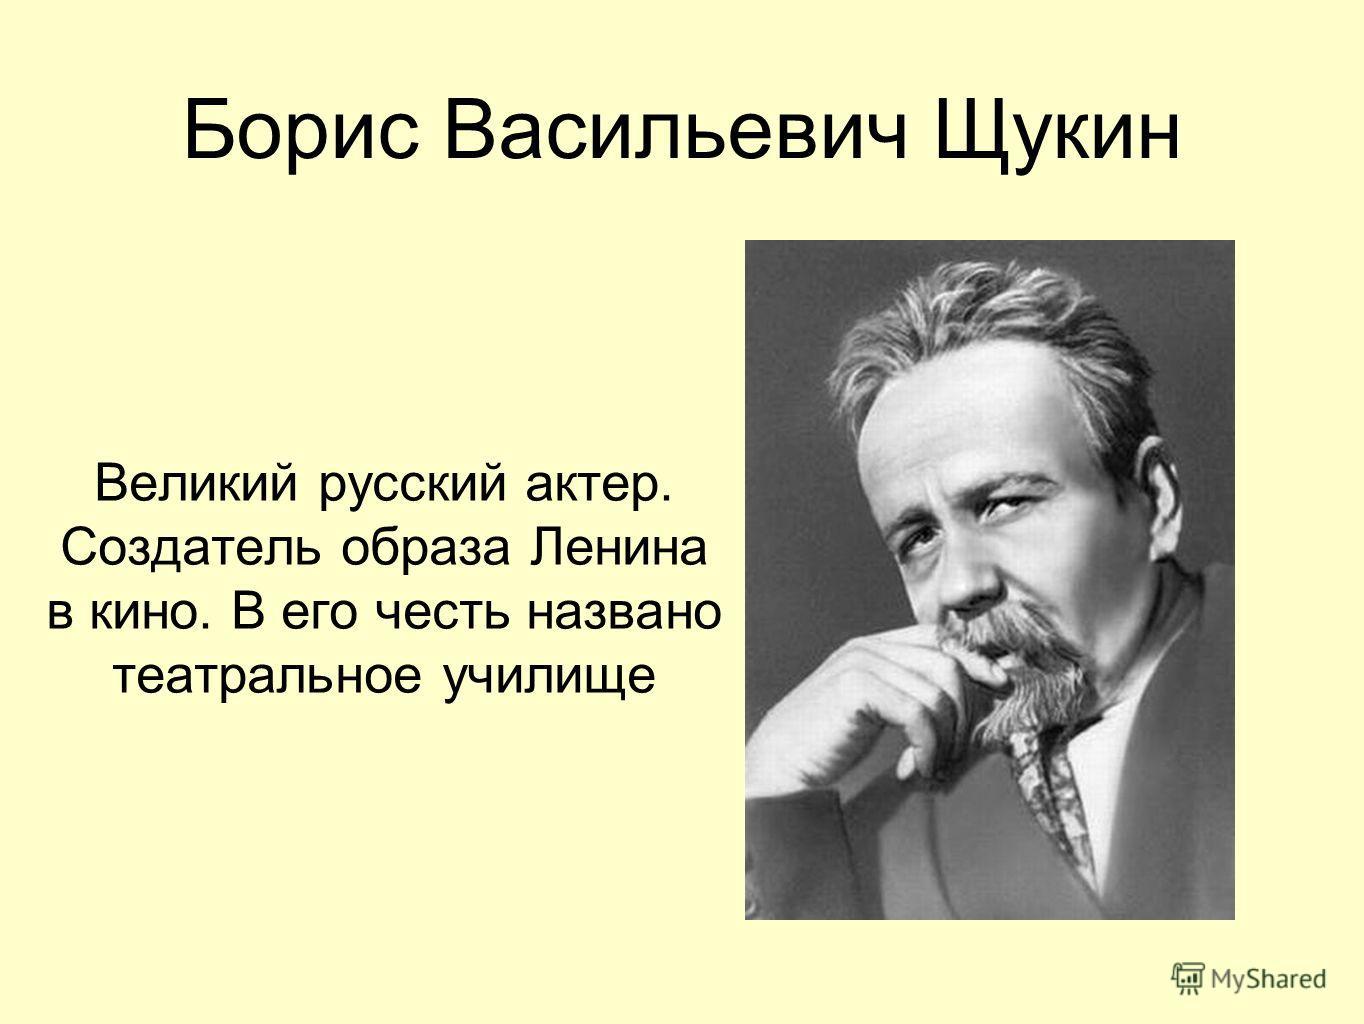 Борис Васильевич Щукин Великий русский актер. Создатель образа Ленина в кино. В его честь названо театральное училище